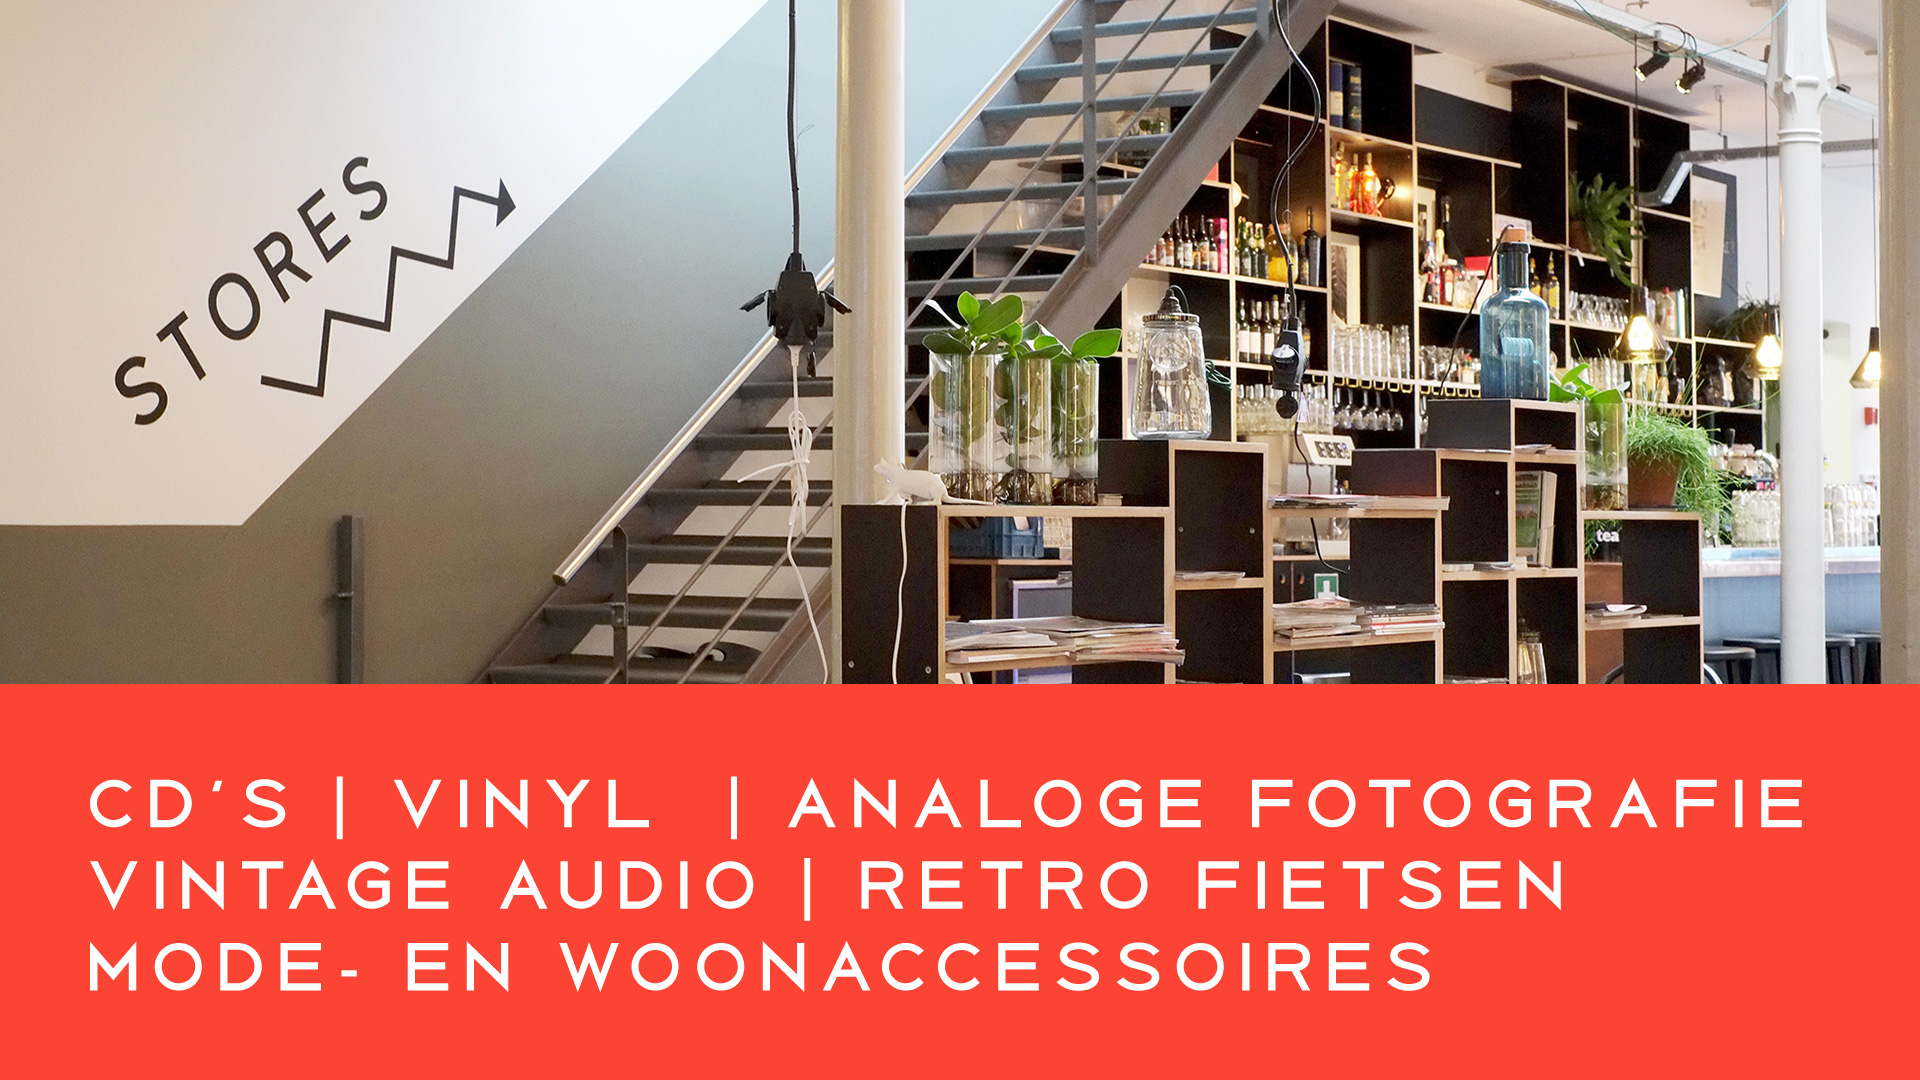 Velvet Music Dordrecht | FotoFilmFabriek | Make Room | Pien's Tassen | Vintage Audio Repair | Voorstraat 180 | Dordrecht